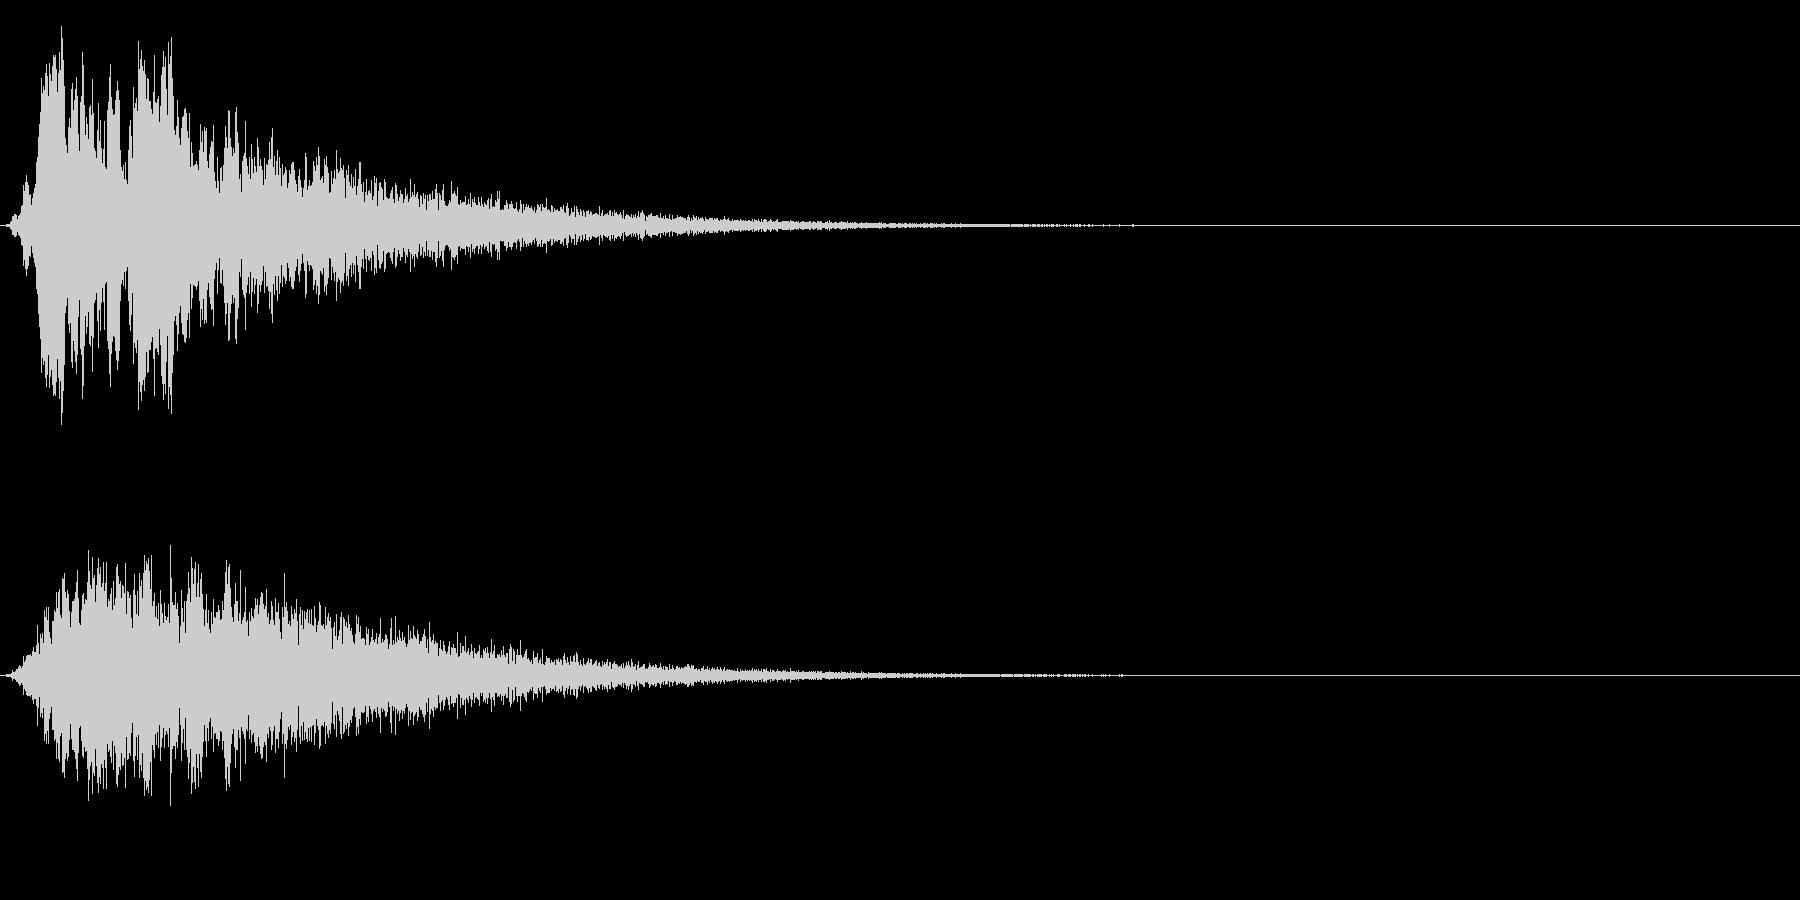 シュイーン(パワーアップ/能力アップ)の未再生の波形